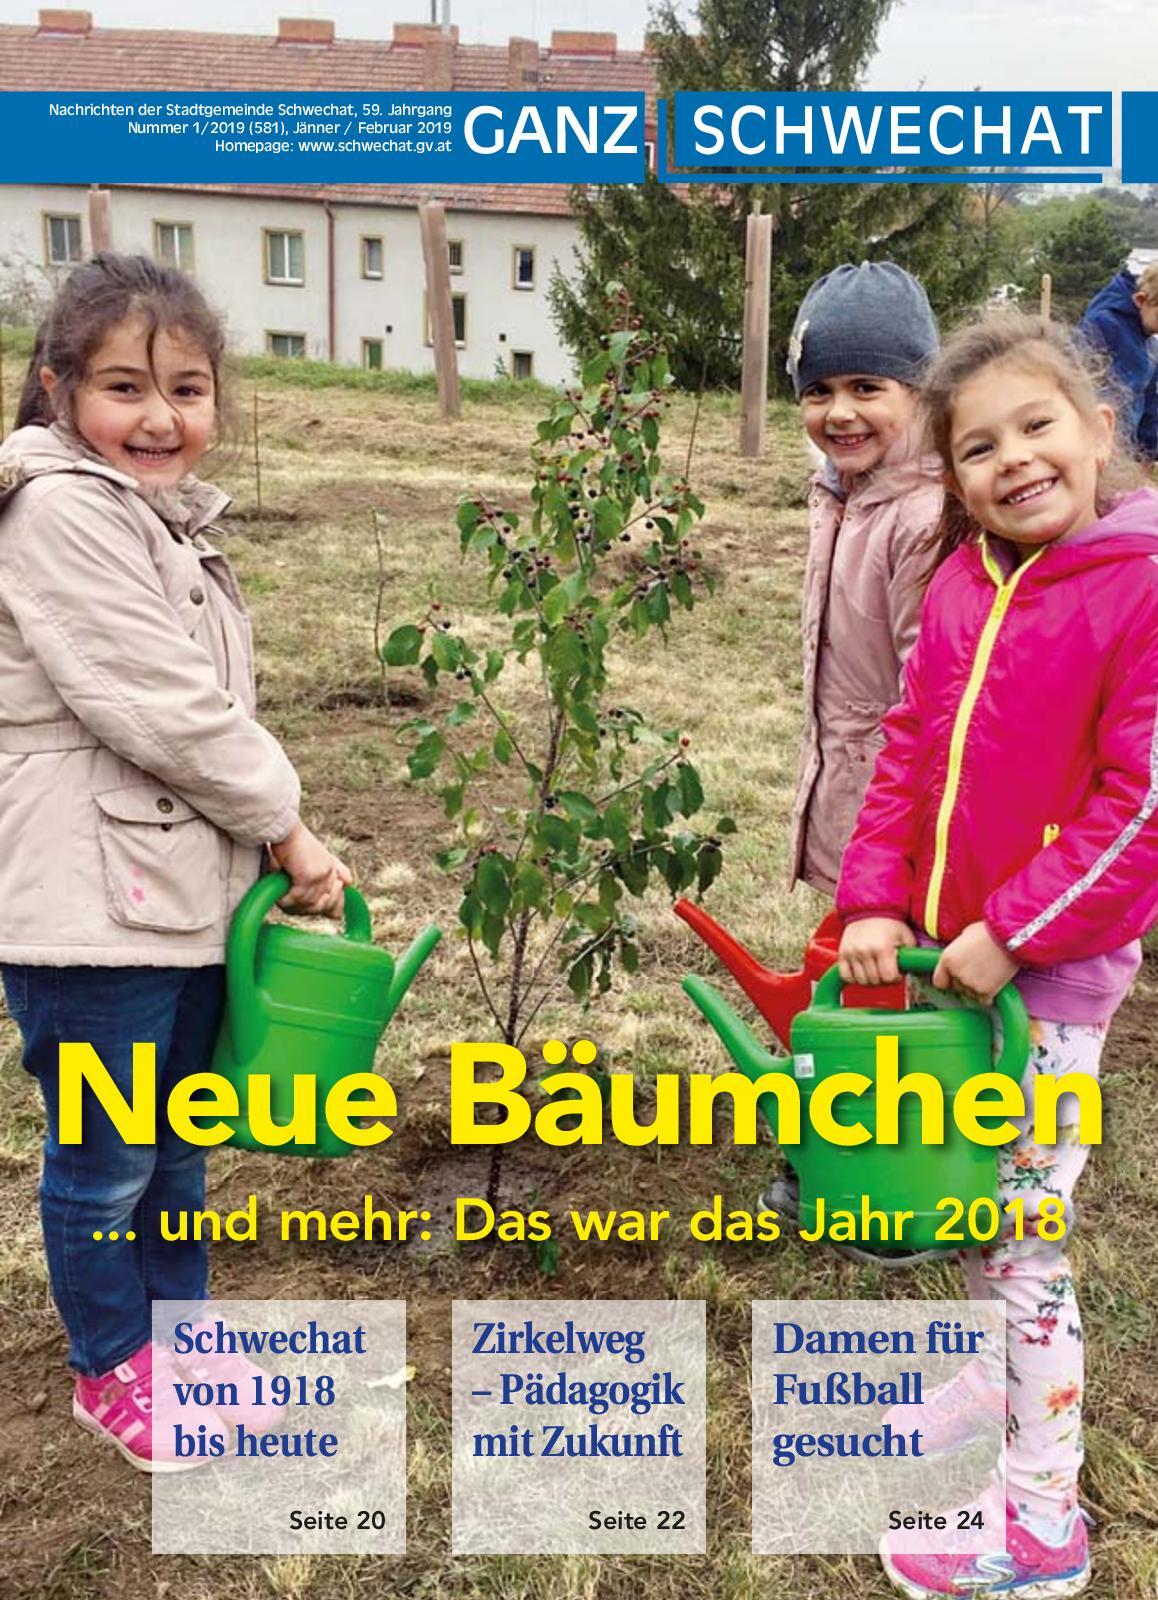 Sie sucht Ihn (Erotik): Sex in Schwechat-Rannersdorf